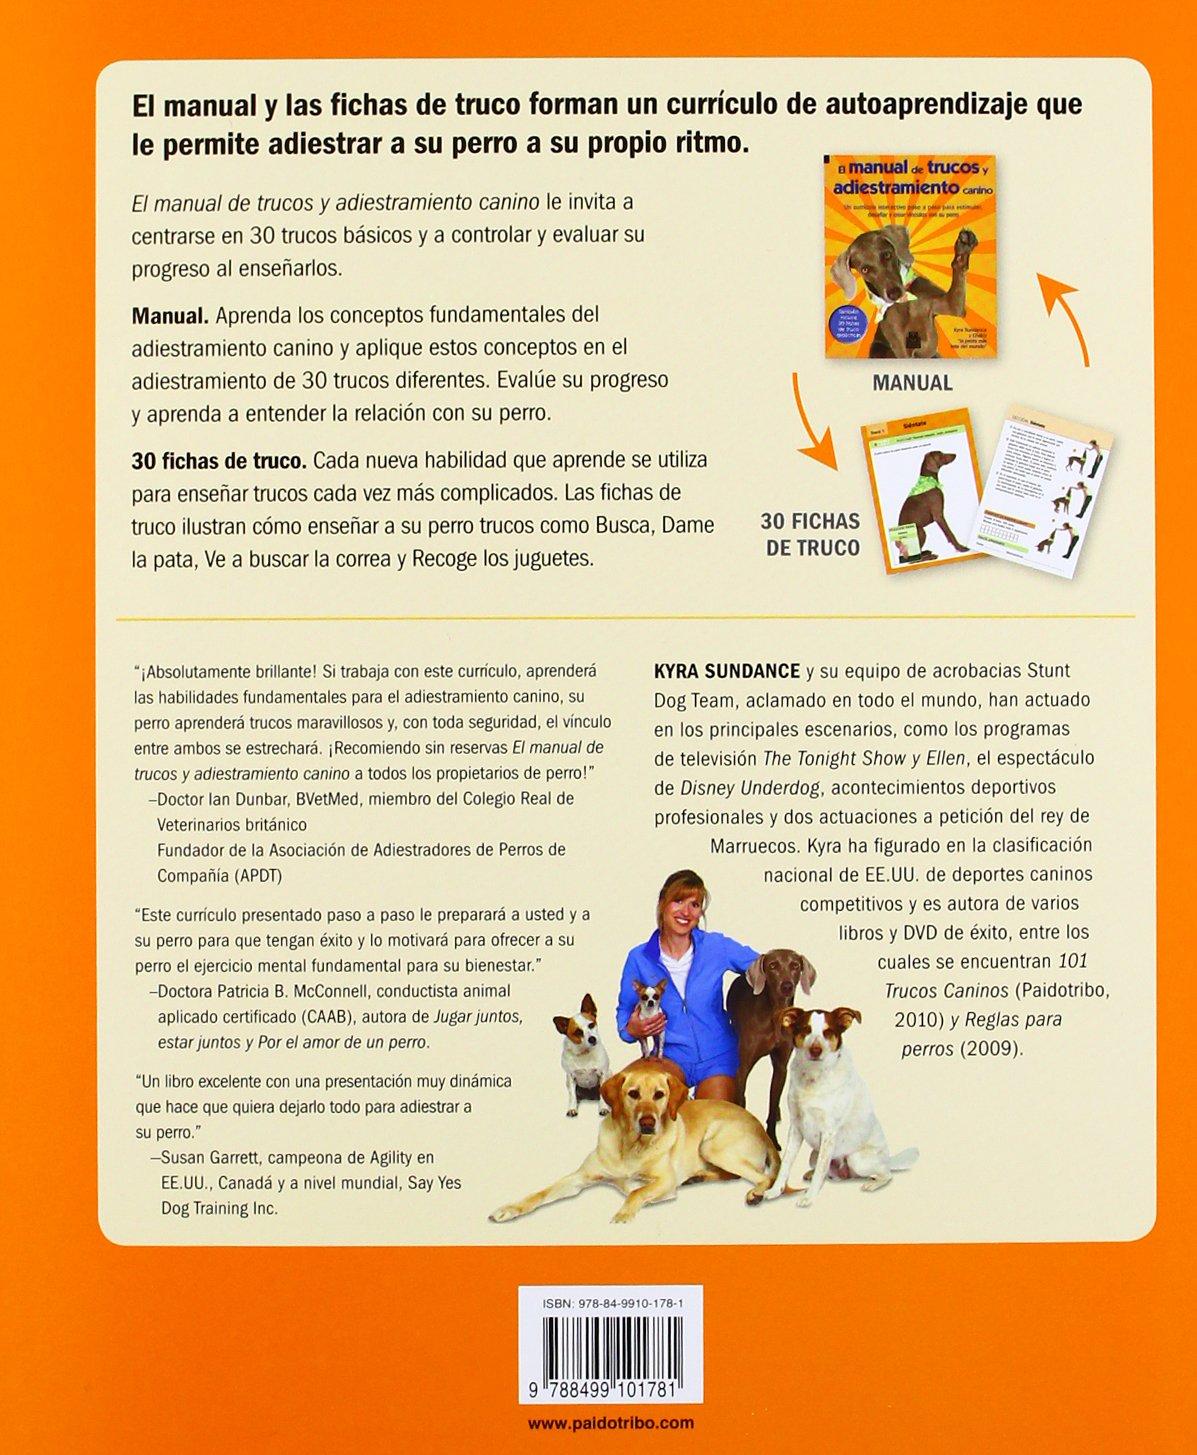 Manual de trucos y adiestramiento canino, El Color + 30 fichas de trucos Animales de Compañía: Amazon.es: Kyra Sundance: Libros